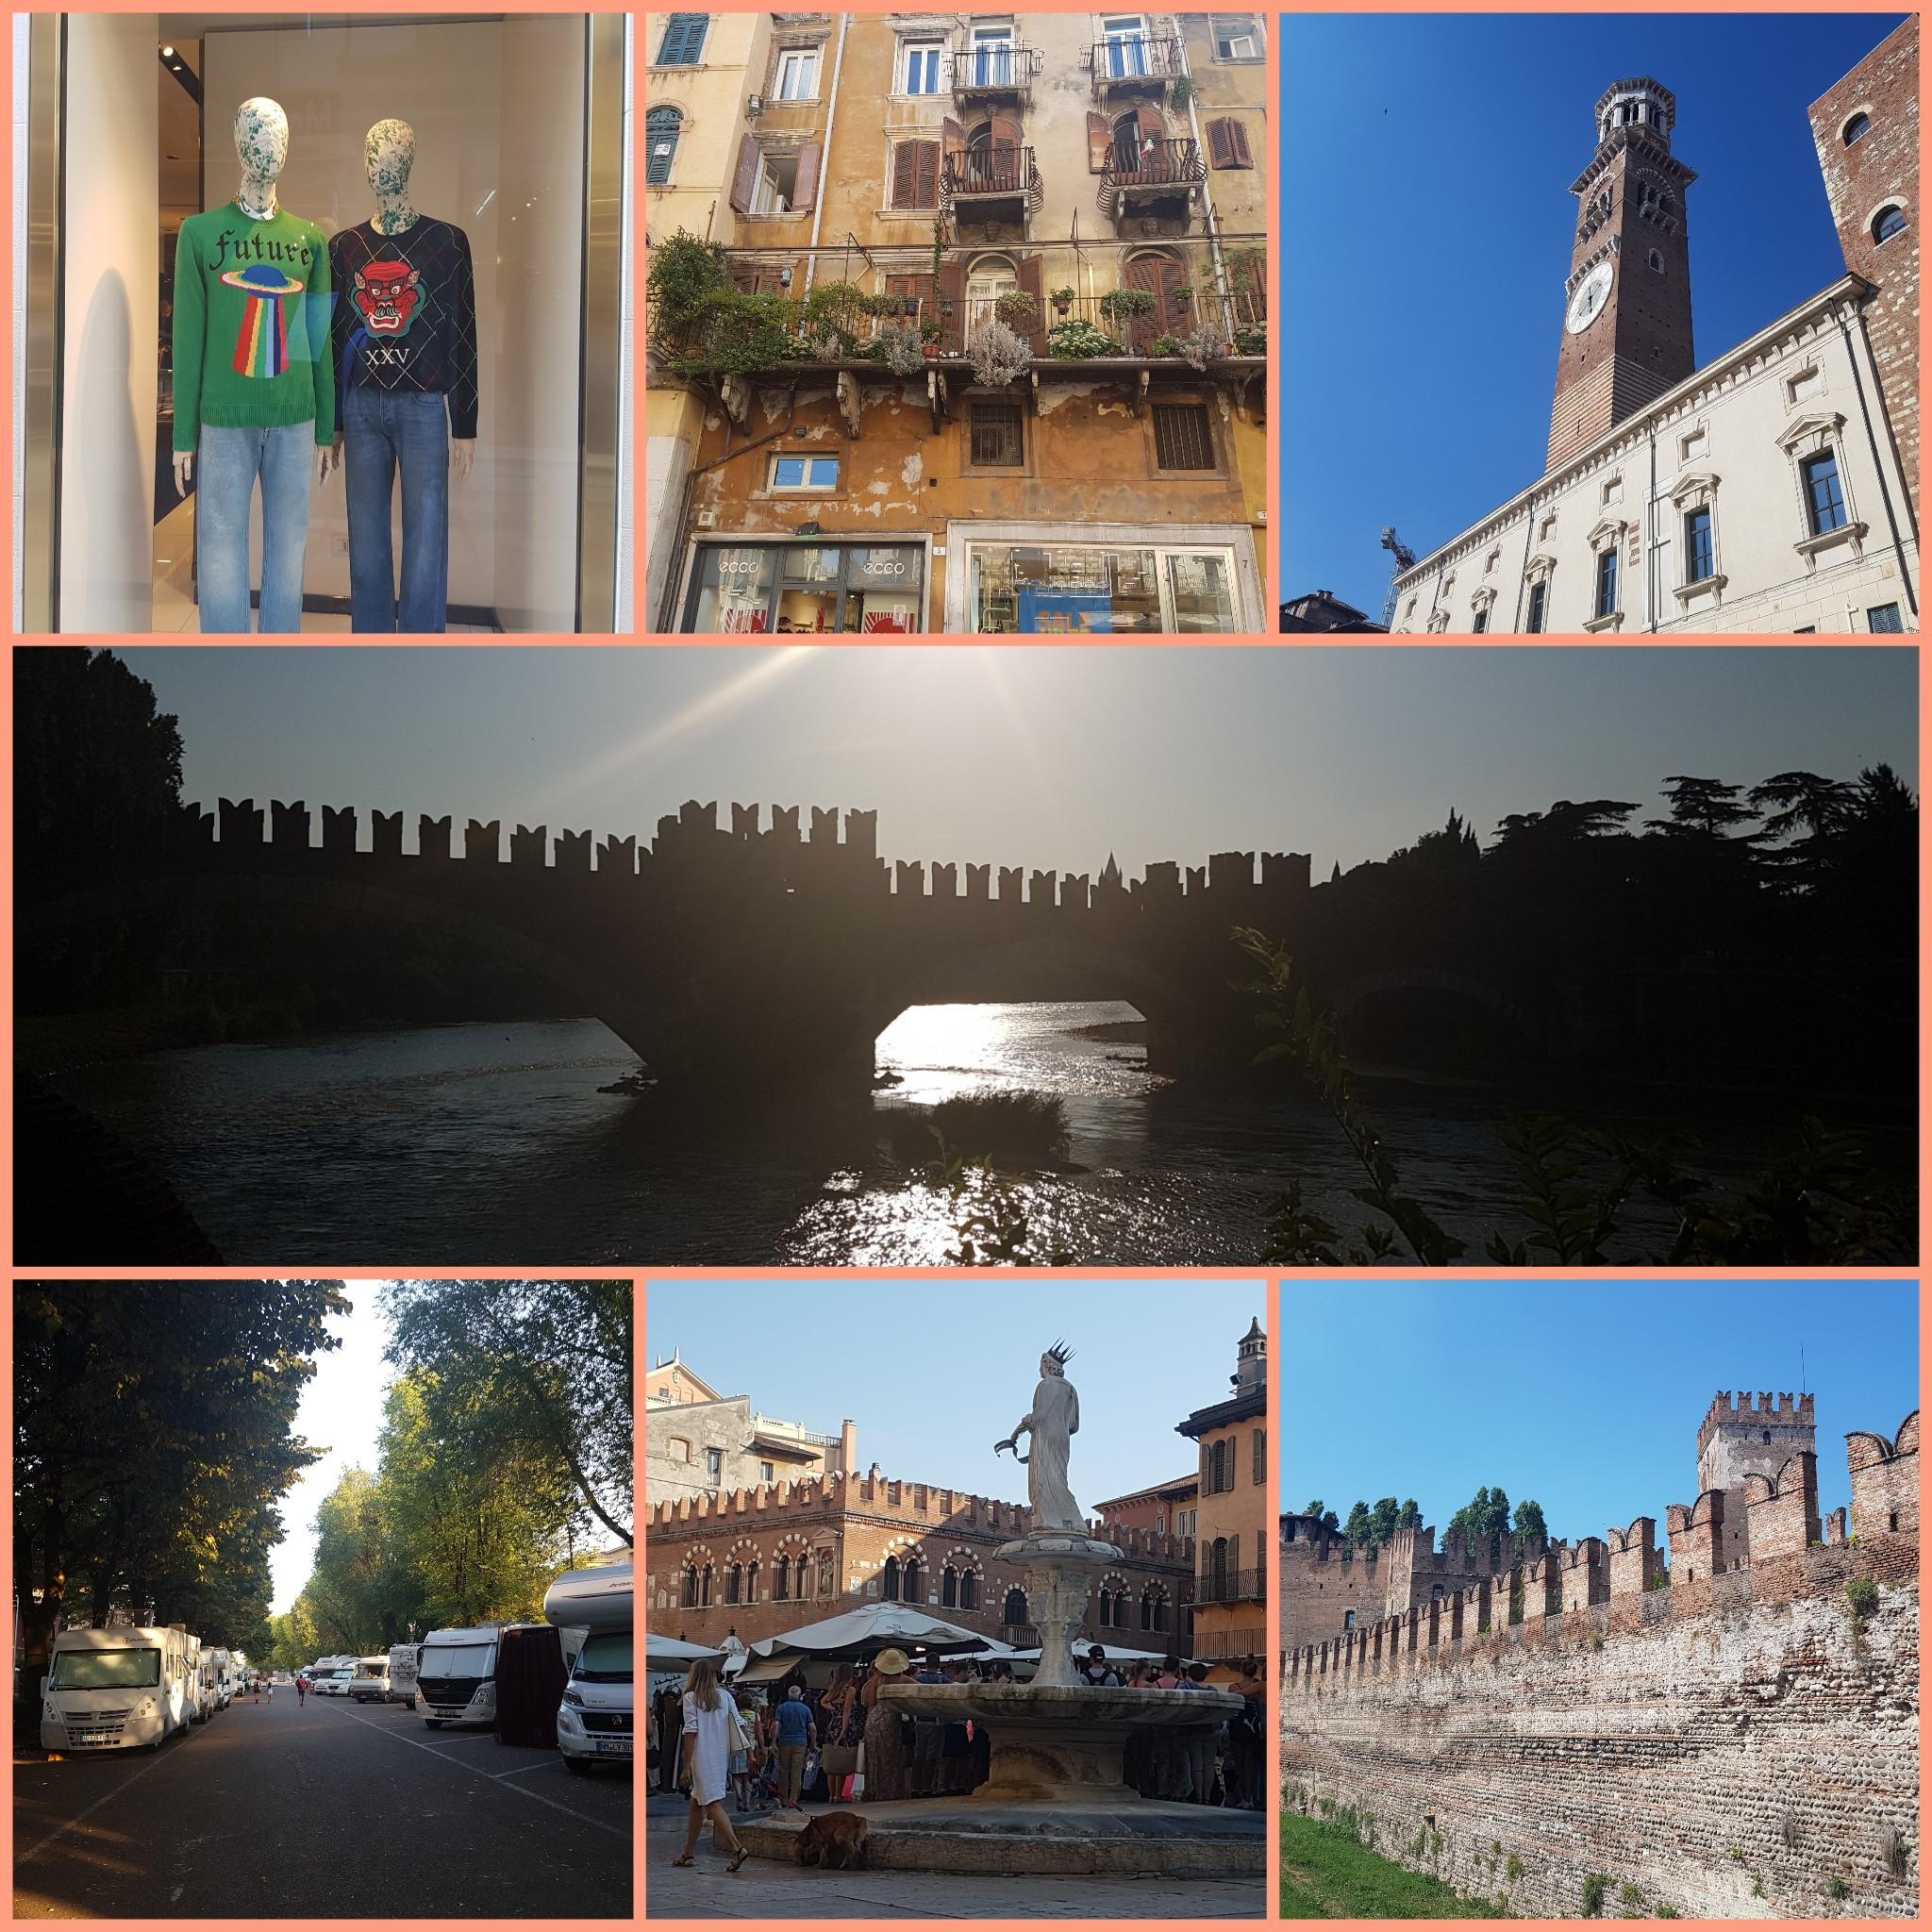 Mit dem Wohnmobil nach Verona, Italien